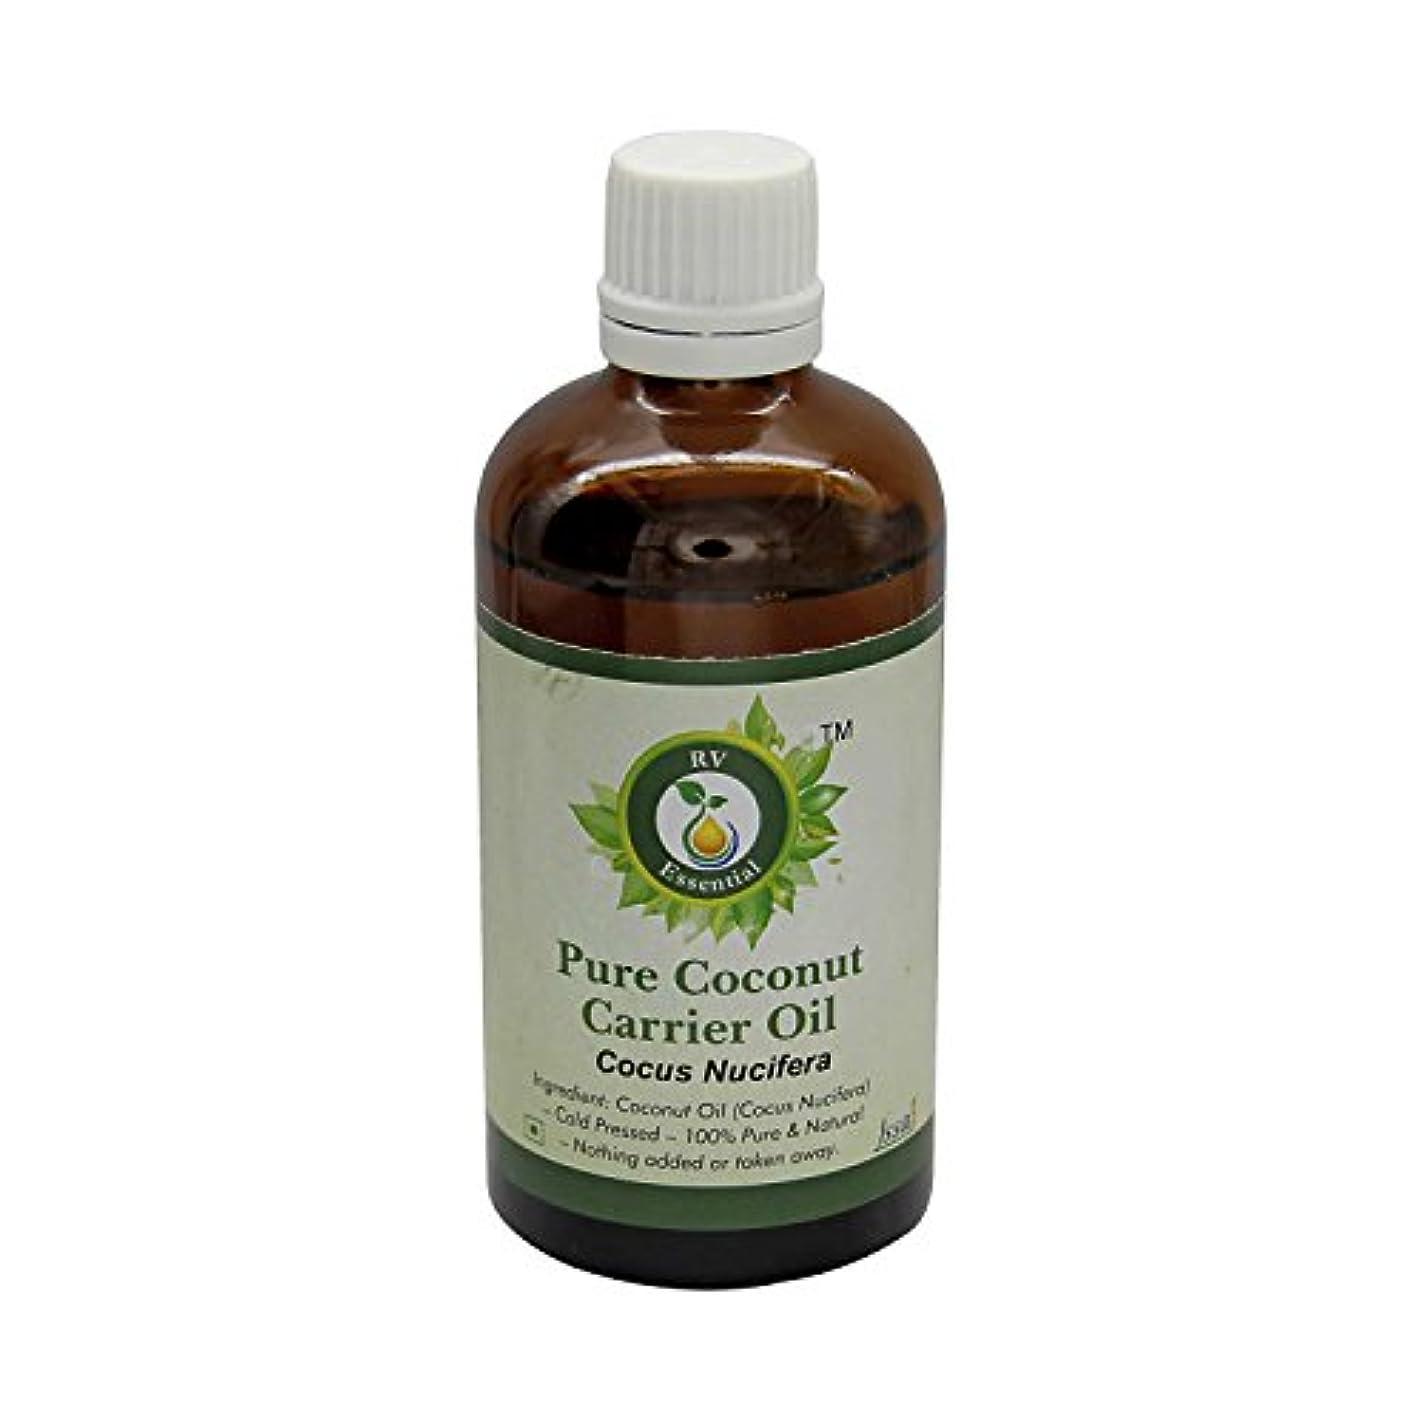 幻滅不安定好奇心R V Essential 純粋なココナッツキャリアオイル15ml (0.507oz)- Cocus Nucifera (100%ピュア&ナチュラルコールドPressed) Pure Coconut Carrier Oil